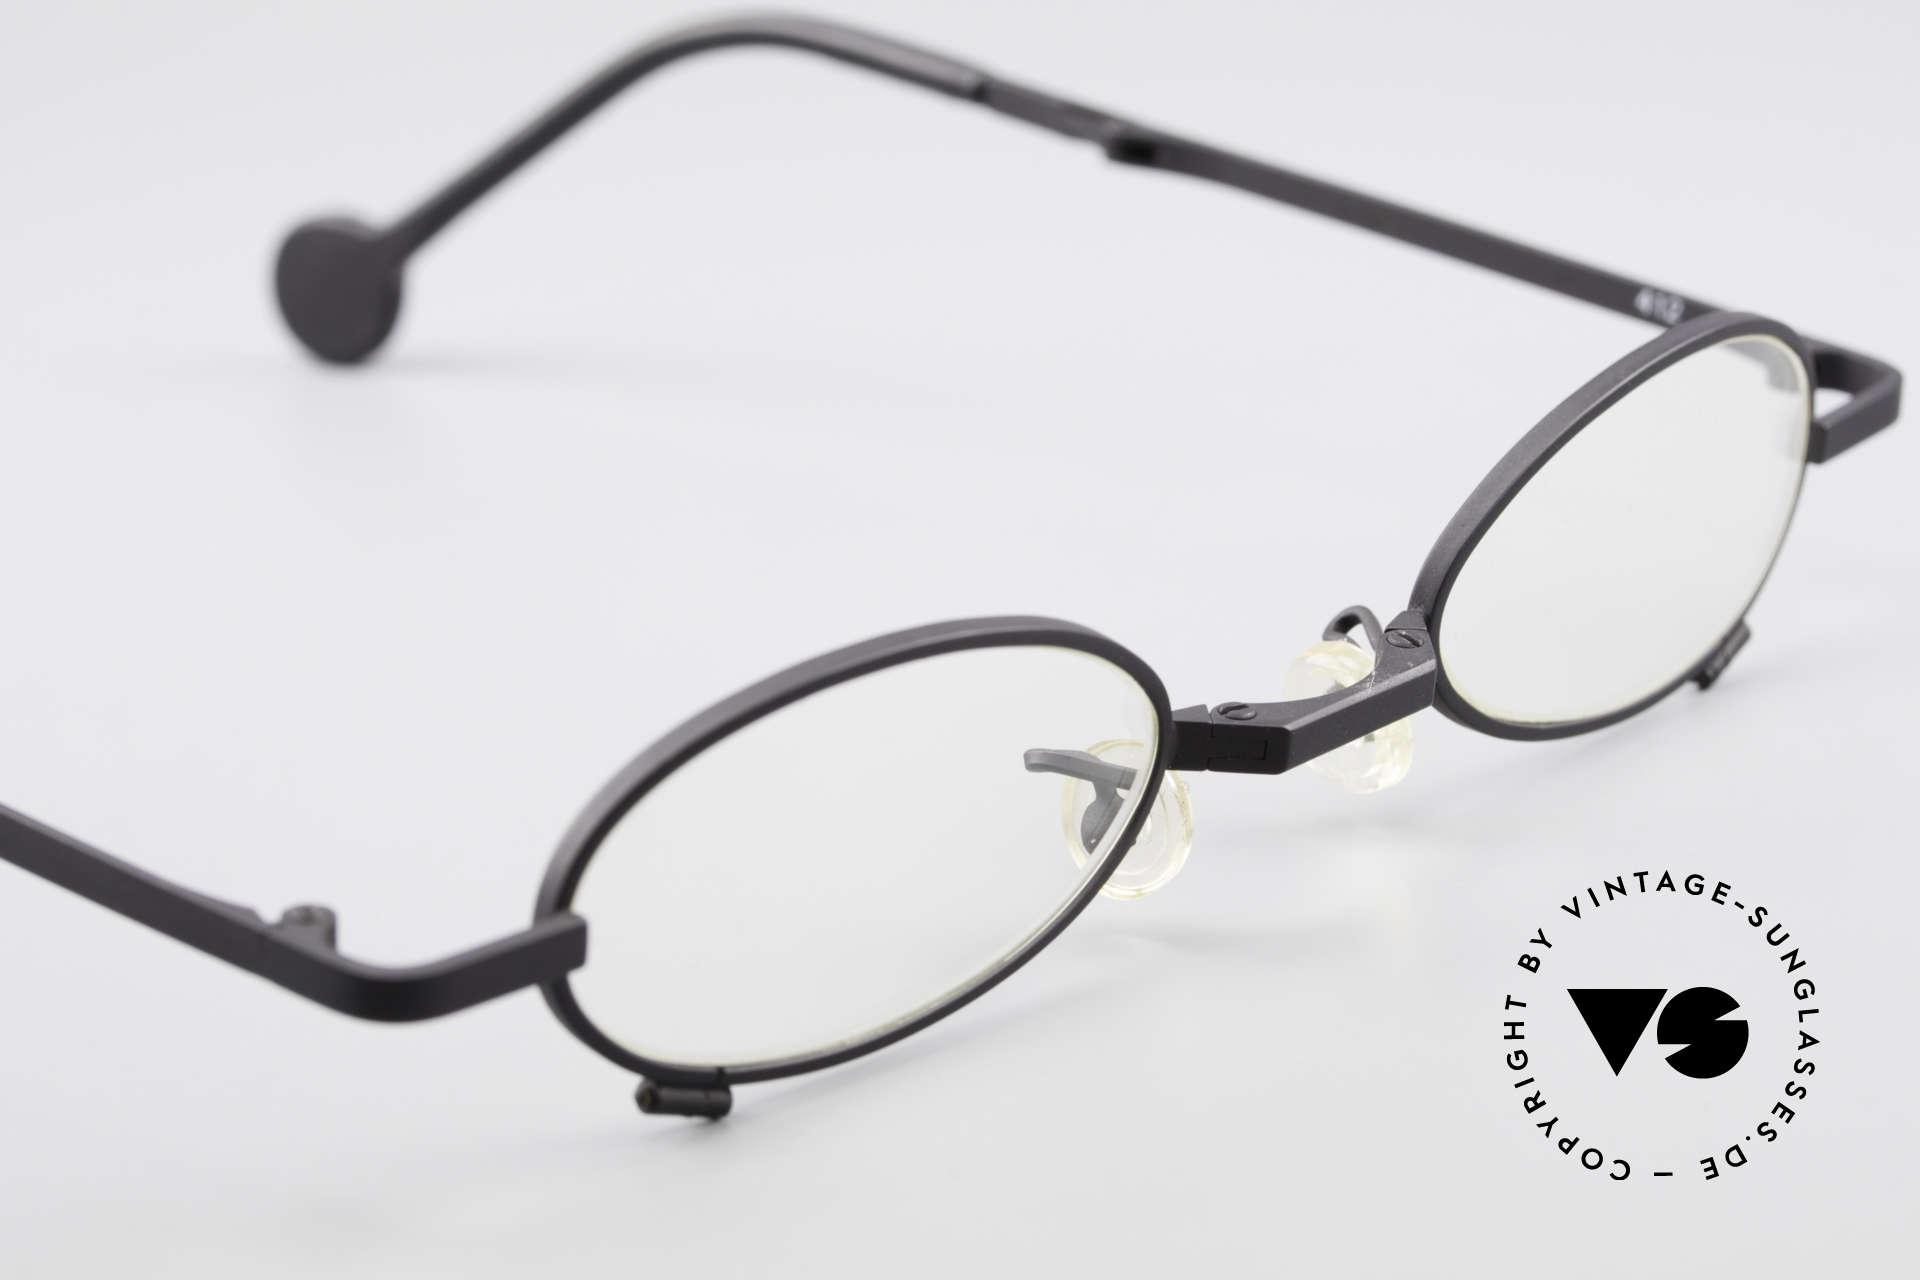 L.A. Eyeworks TIO 412 Brille zum Falten Faltbrille, ungetragen (wie all unsere vintage L.A.E. Lesebrillen), Passend für Herren und Damen